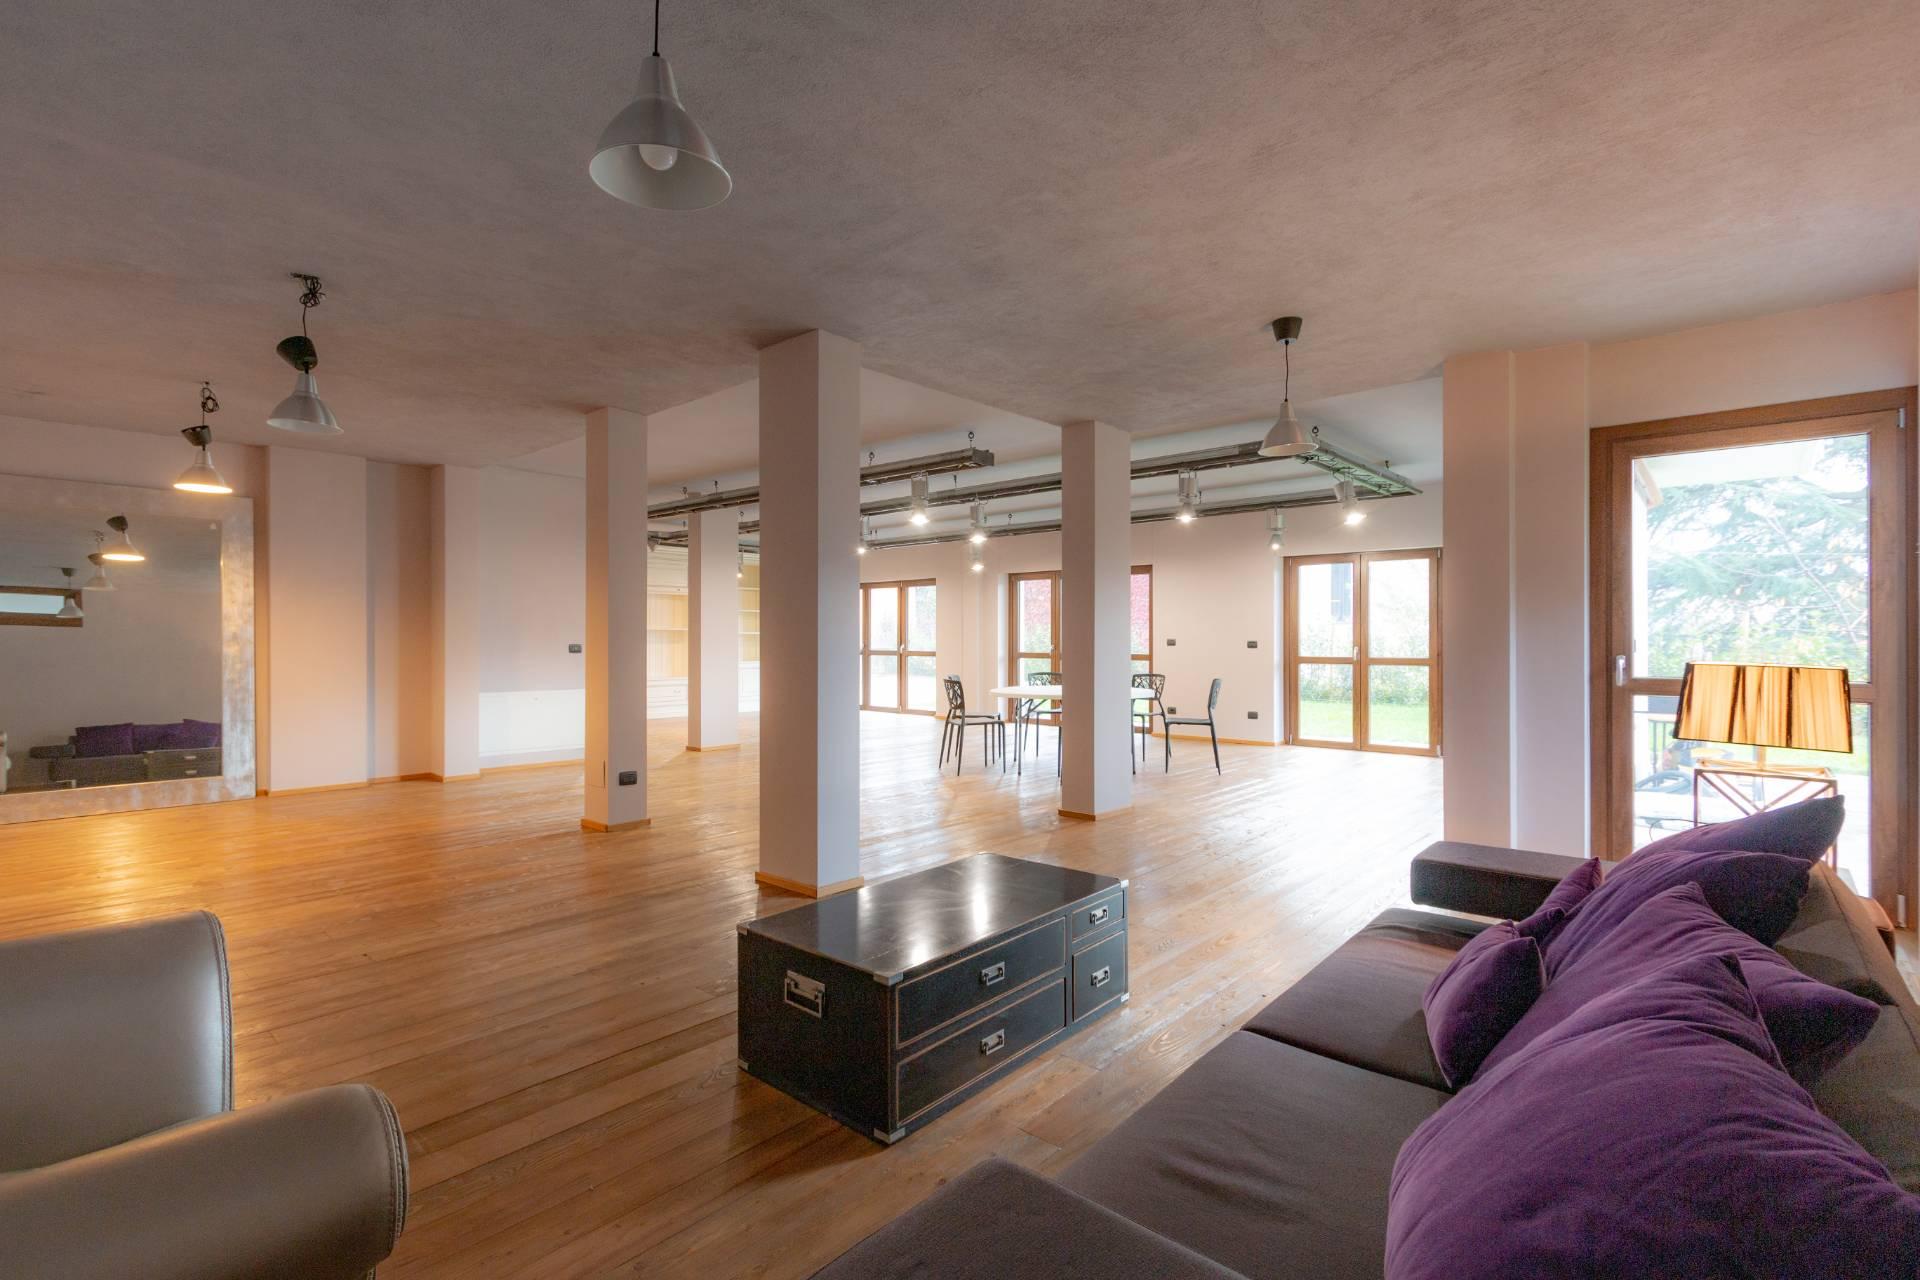 Villa in vendita a Almese, 5 locali, zona Località: Almese, prezzo € 680.000   CambioCasa.it